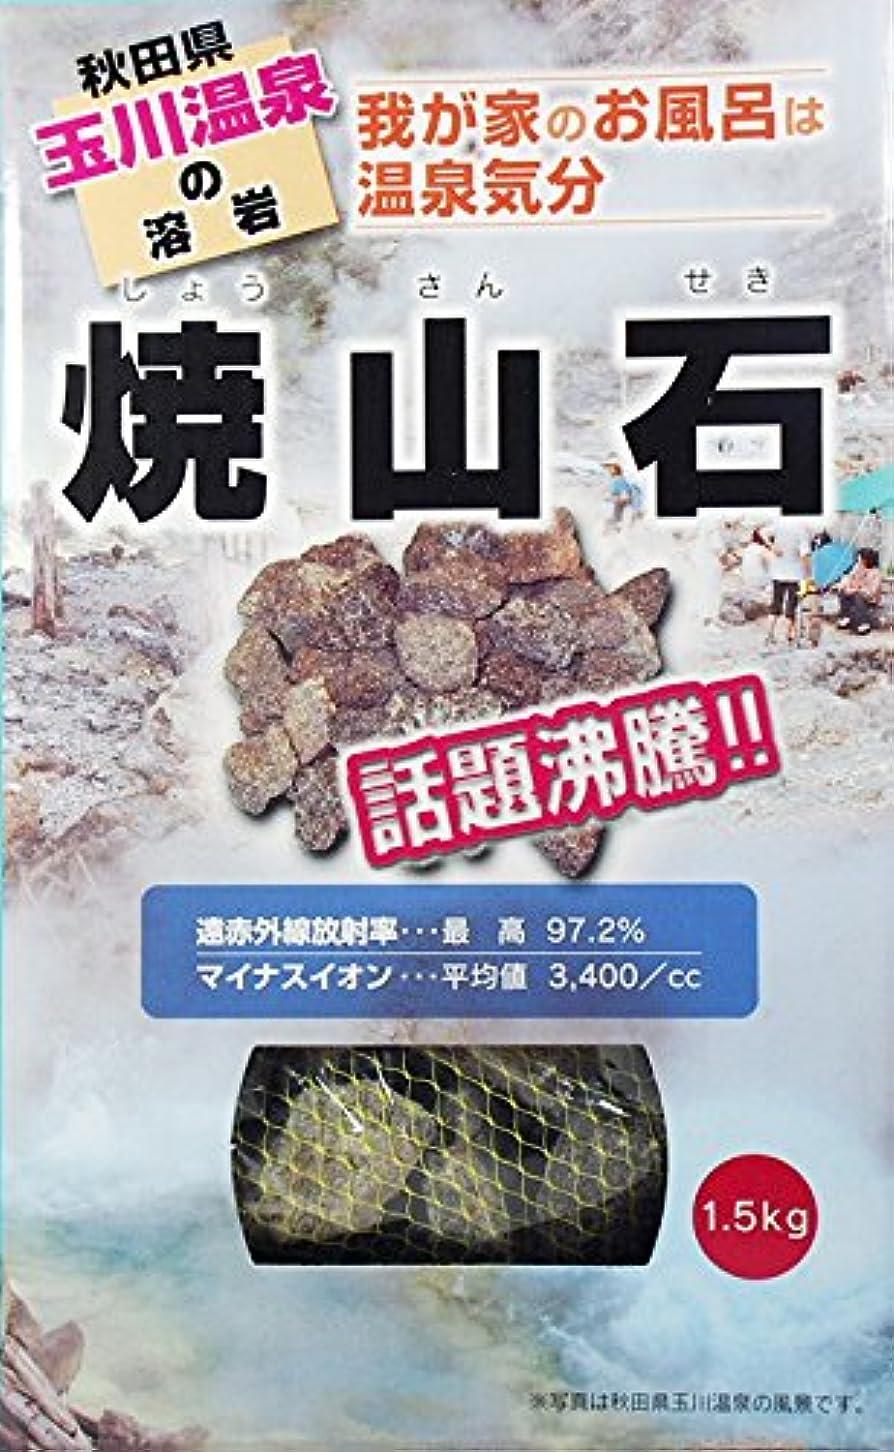 【秋田玉川温泉湧出の核】焼山石1.5kg【お風呂でポカポカに】